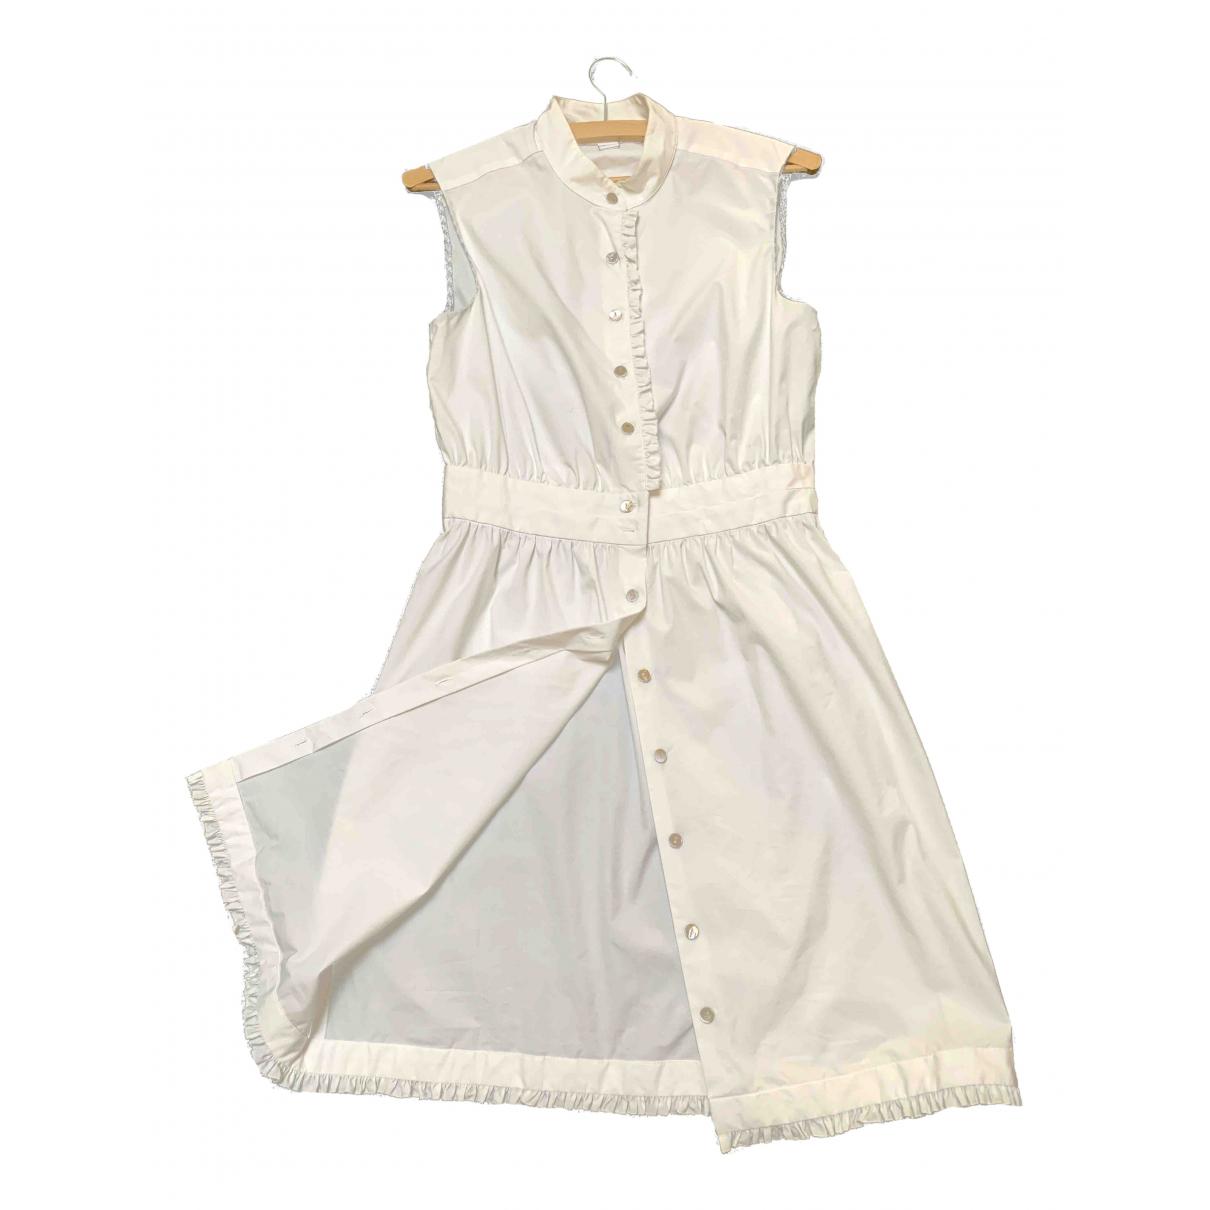 Diane Von Furstenberg N White Cotton - elasthane dress for Women 4 UK